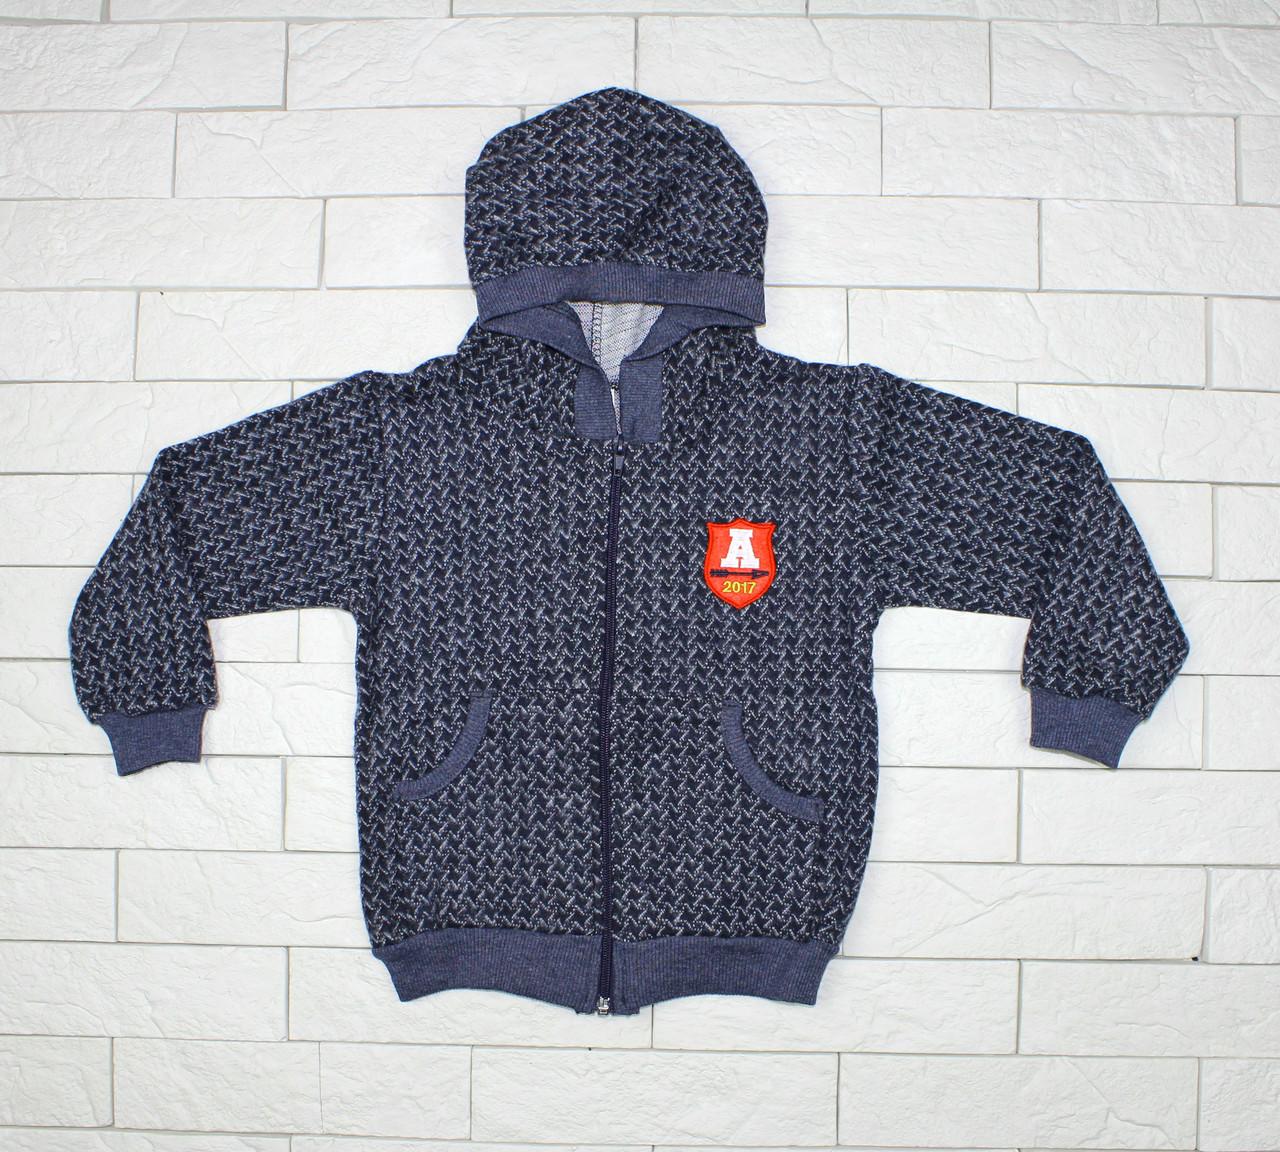 Теплая кофта темно-синяя с капюшоном для мальчика